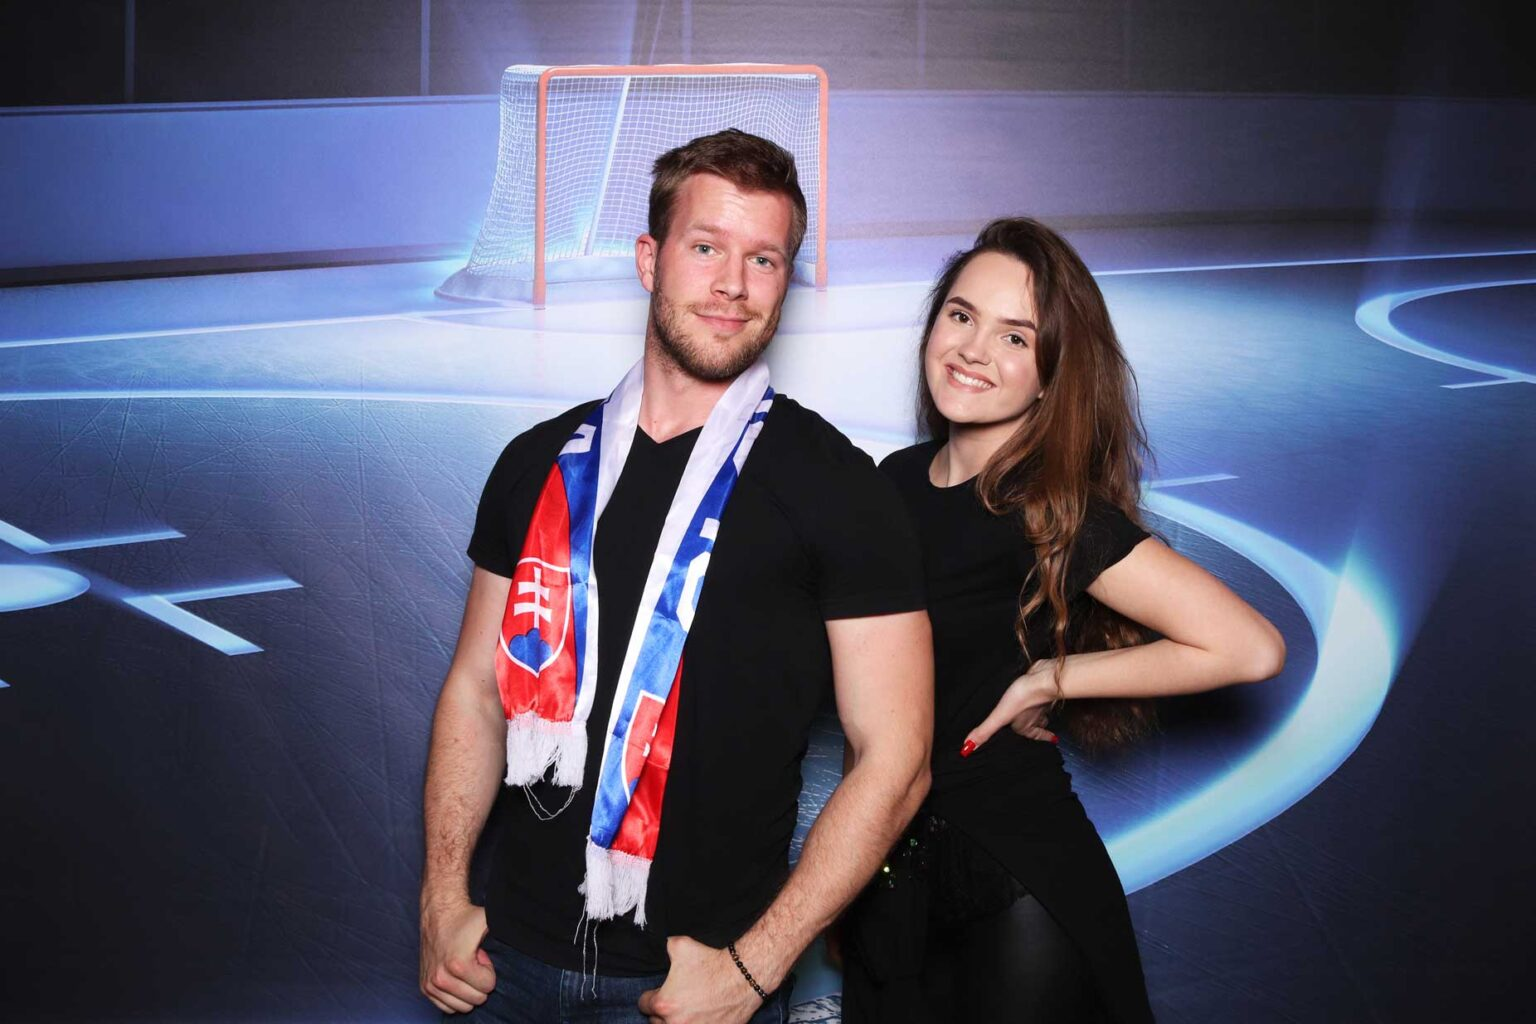 Fotostena - Ice hockey - hokejova - fotokútik Žilina - rekvizity.